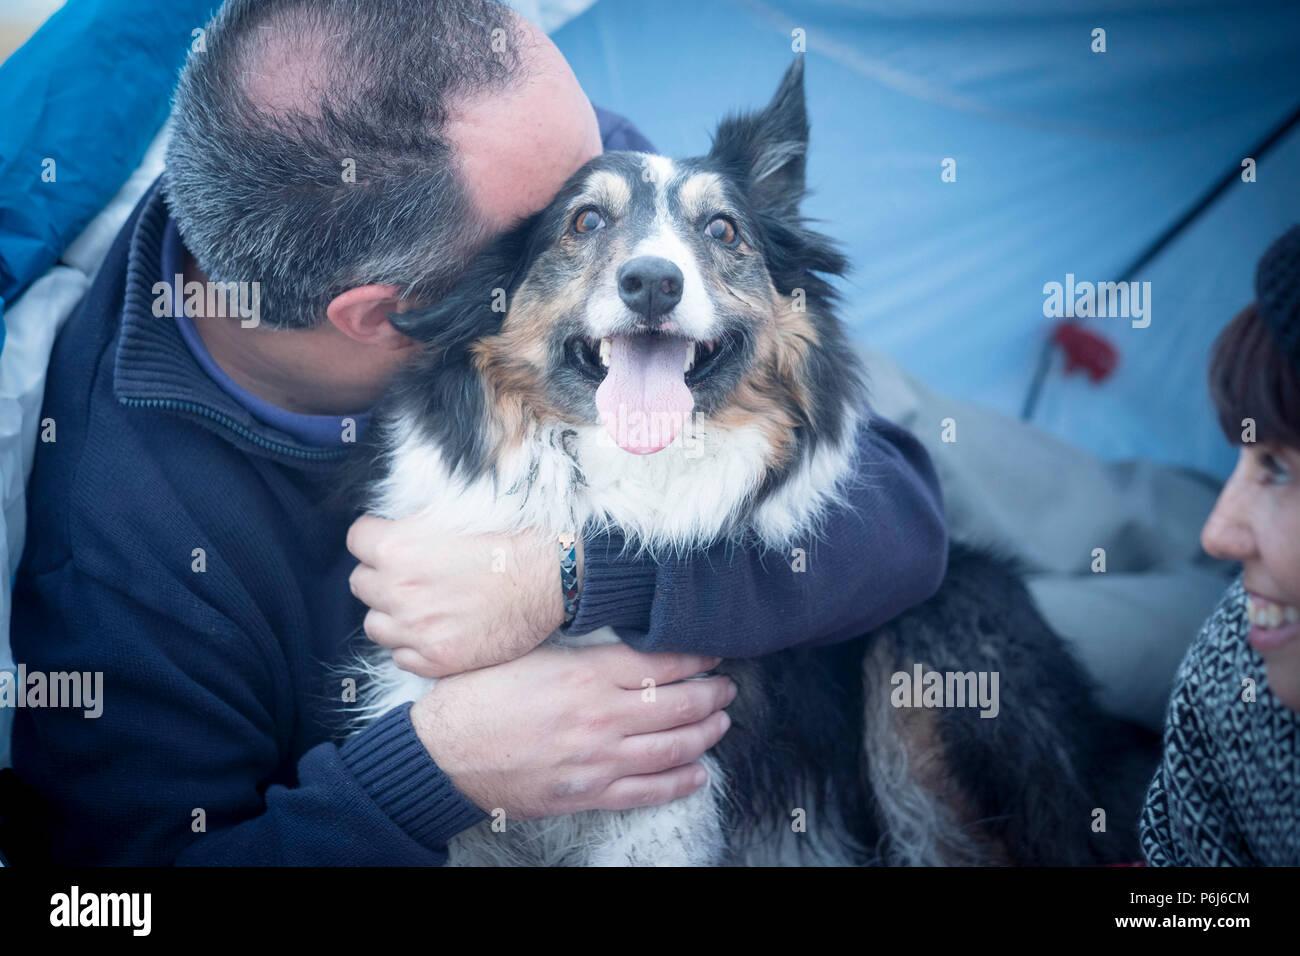 Schön schöner Hund Border Collie wirklich froh und glücklich umarmte Konzept von seinem Besitzer kaukasischen mittleren Alter Mann. Frau schauen Sie. Familie alternative c Stockbild